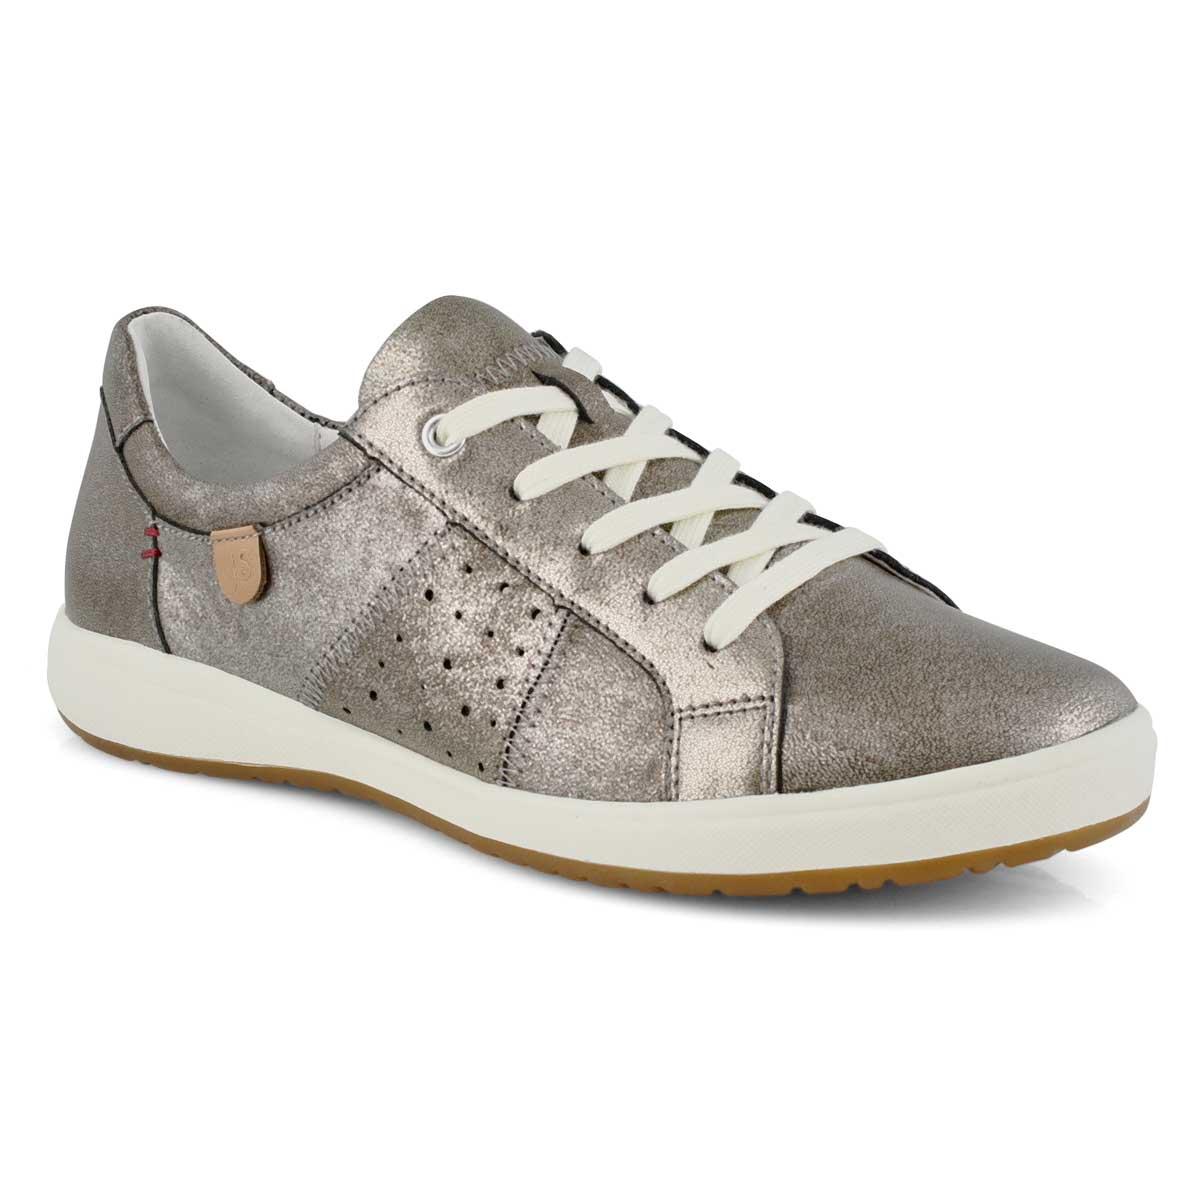 Lds Caren 01 platinum lace up sneaker